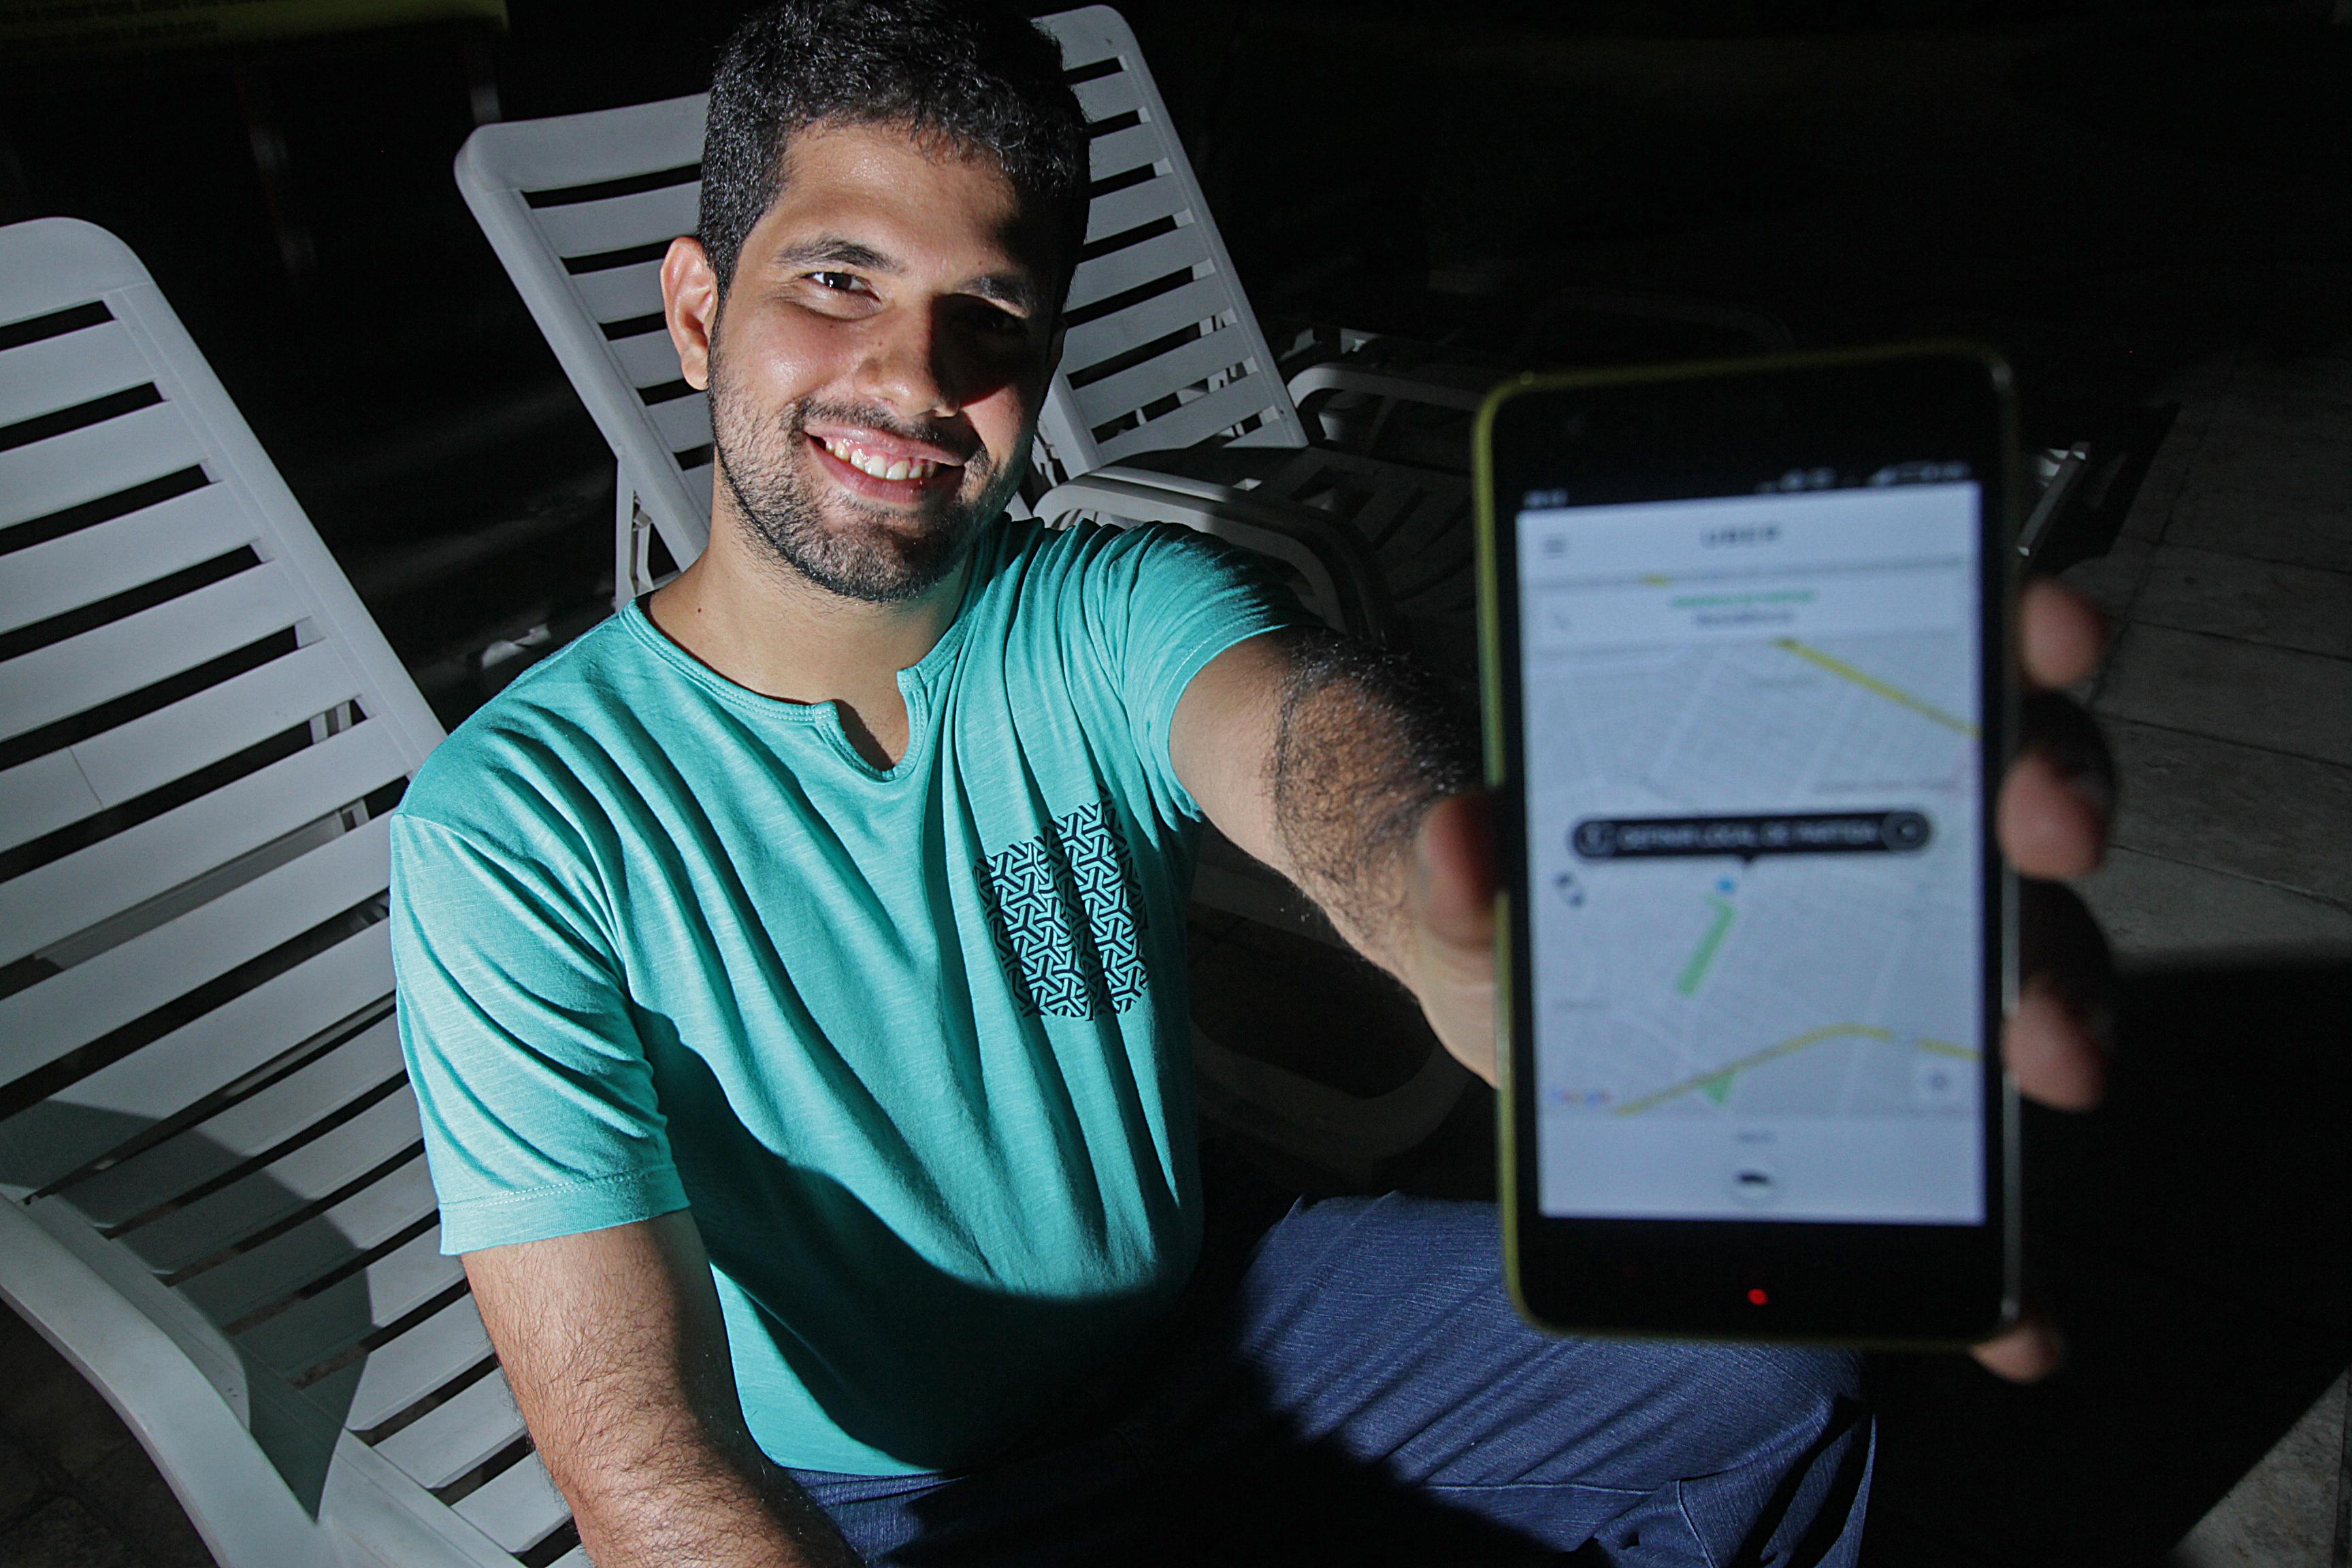 André Nogueira, 28 anos, só usa táxi quando encontra promoções nos aplicativos. Sua primeira opção agora é a Uber. Roberto Ramos/DP